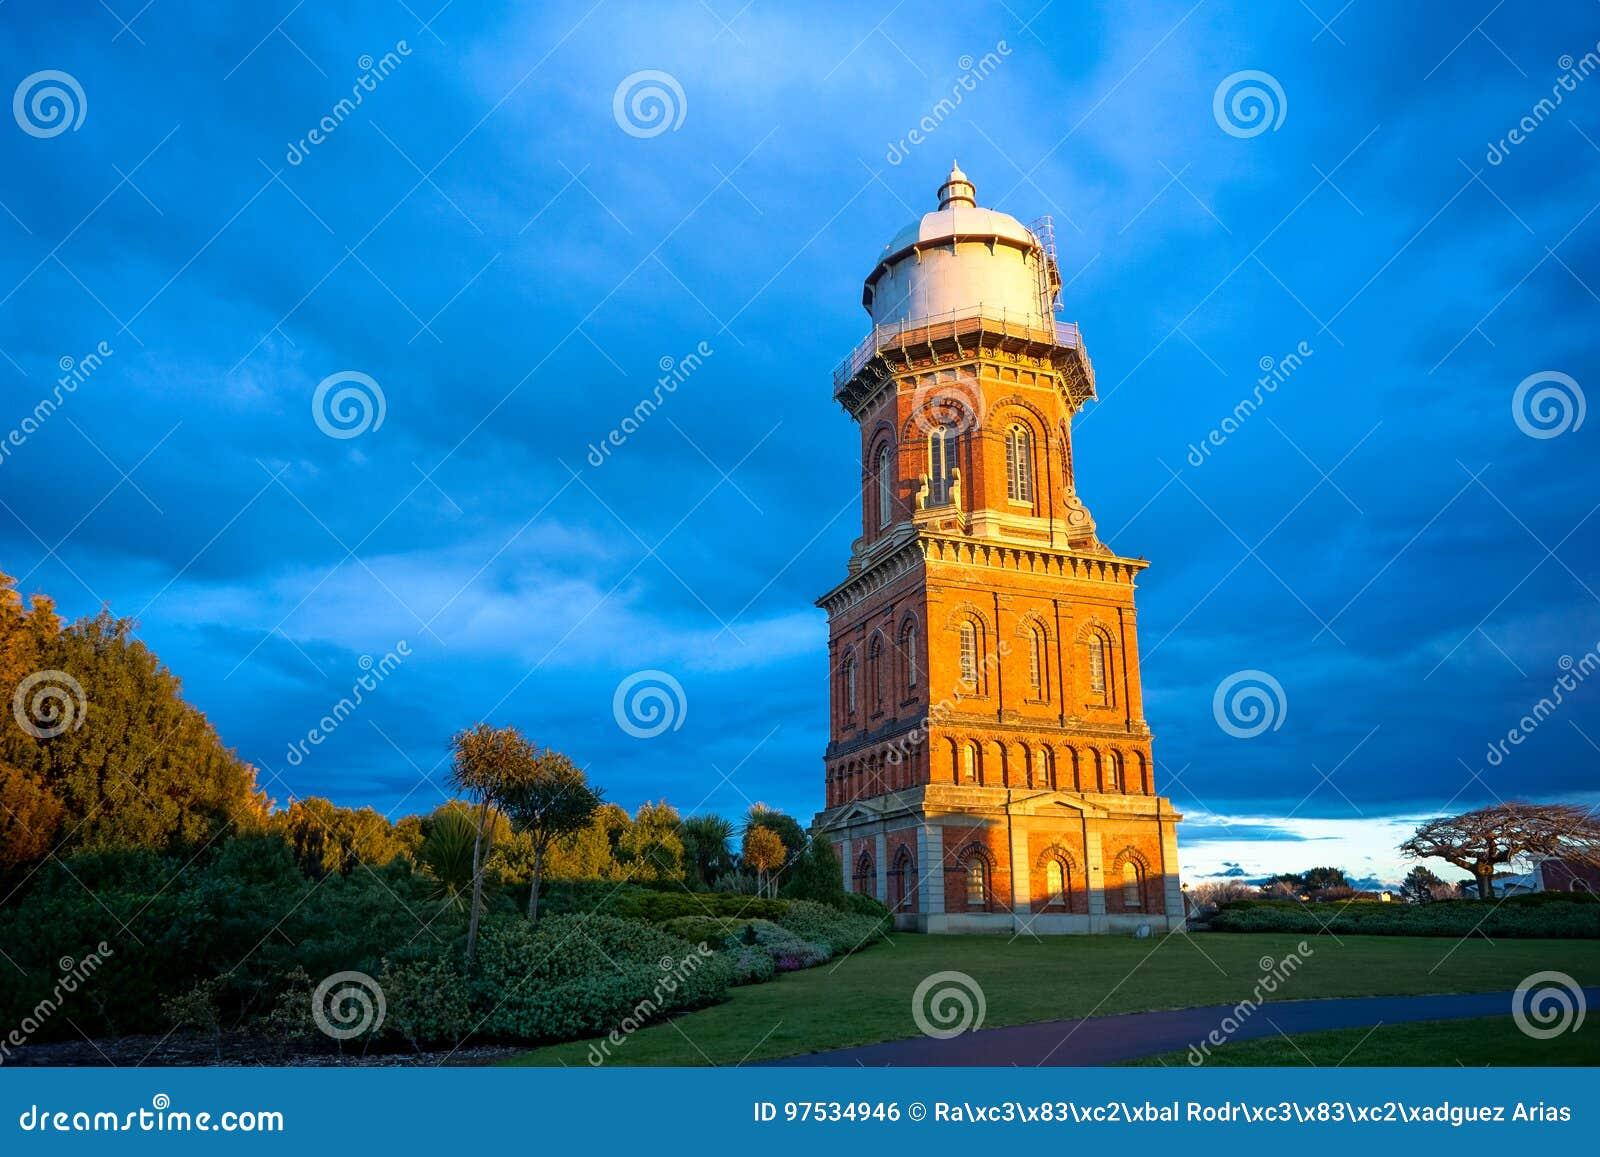 水塔在因弗卡吉耳,南方地区,新西兰